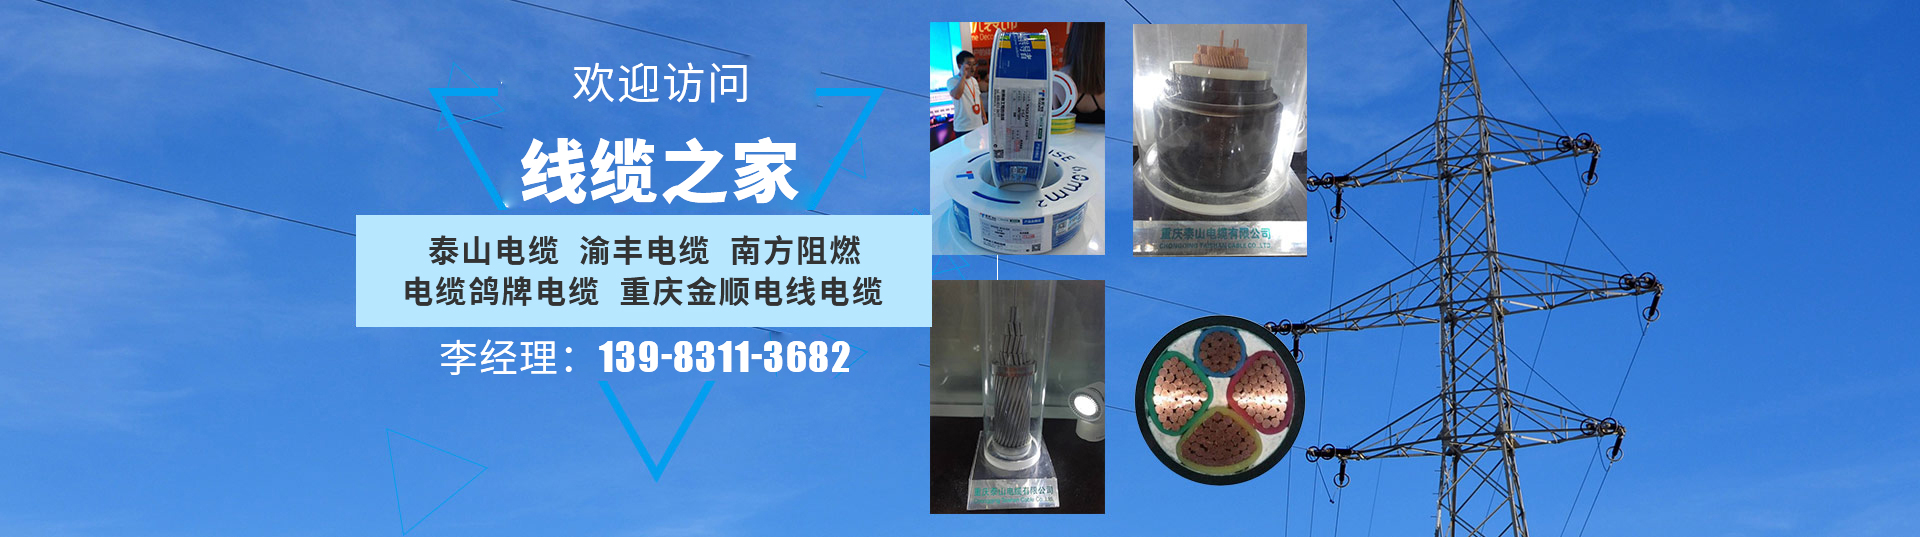 重庆电线电缆